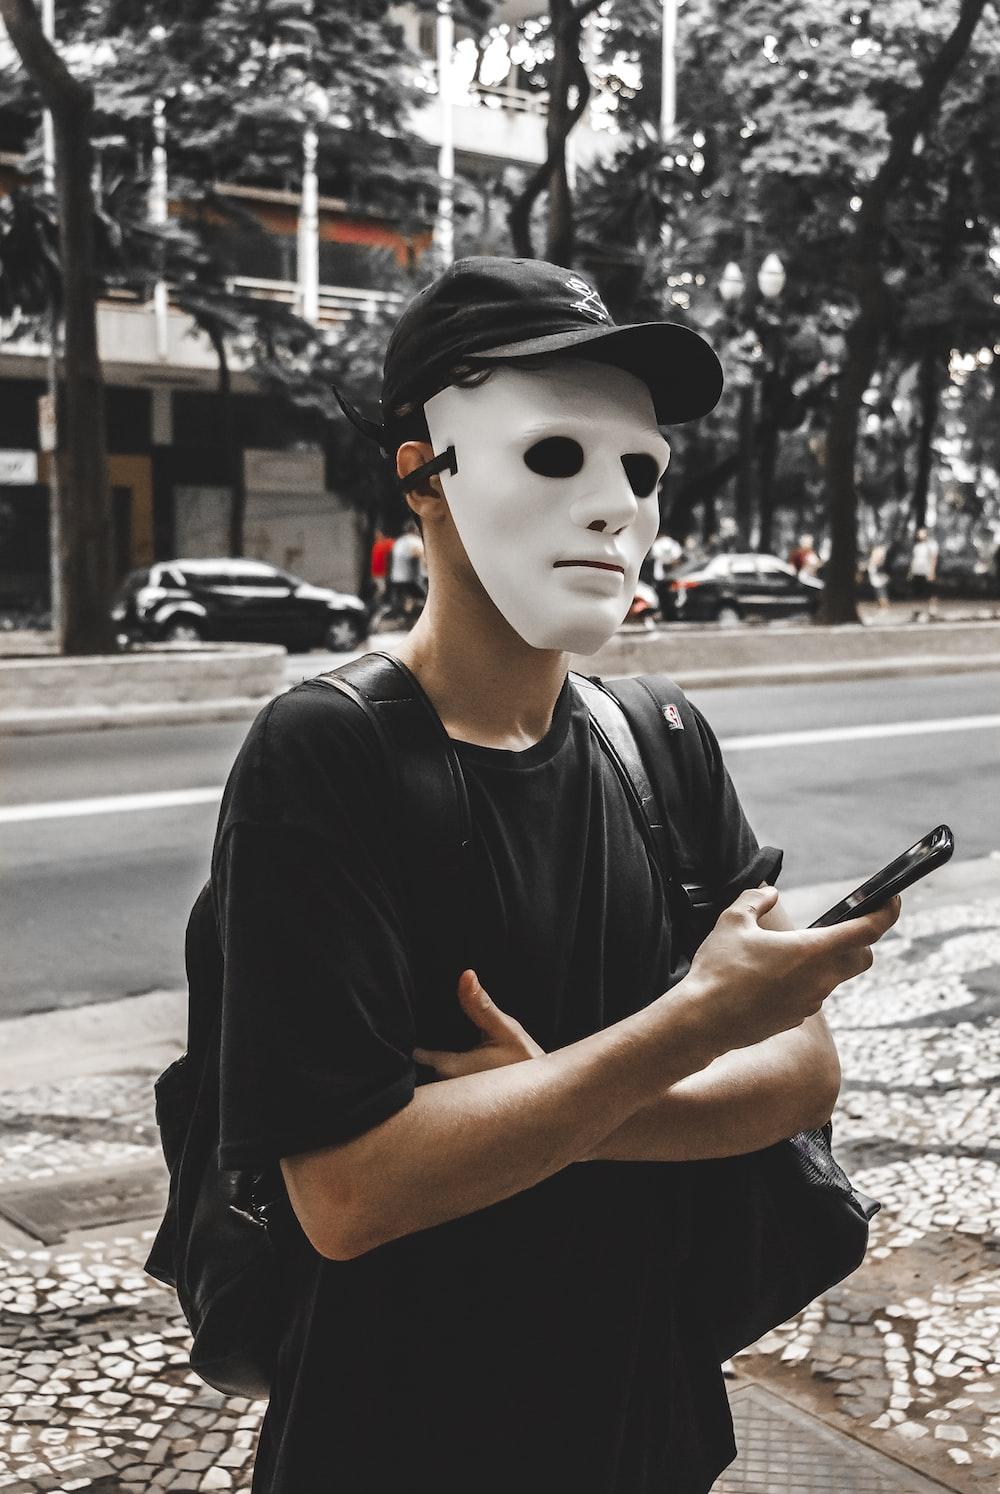 man in black crew neck t-shirt wearing white mask